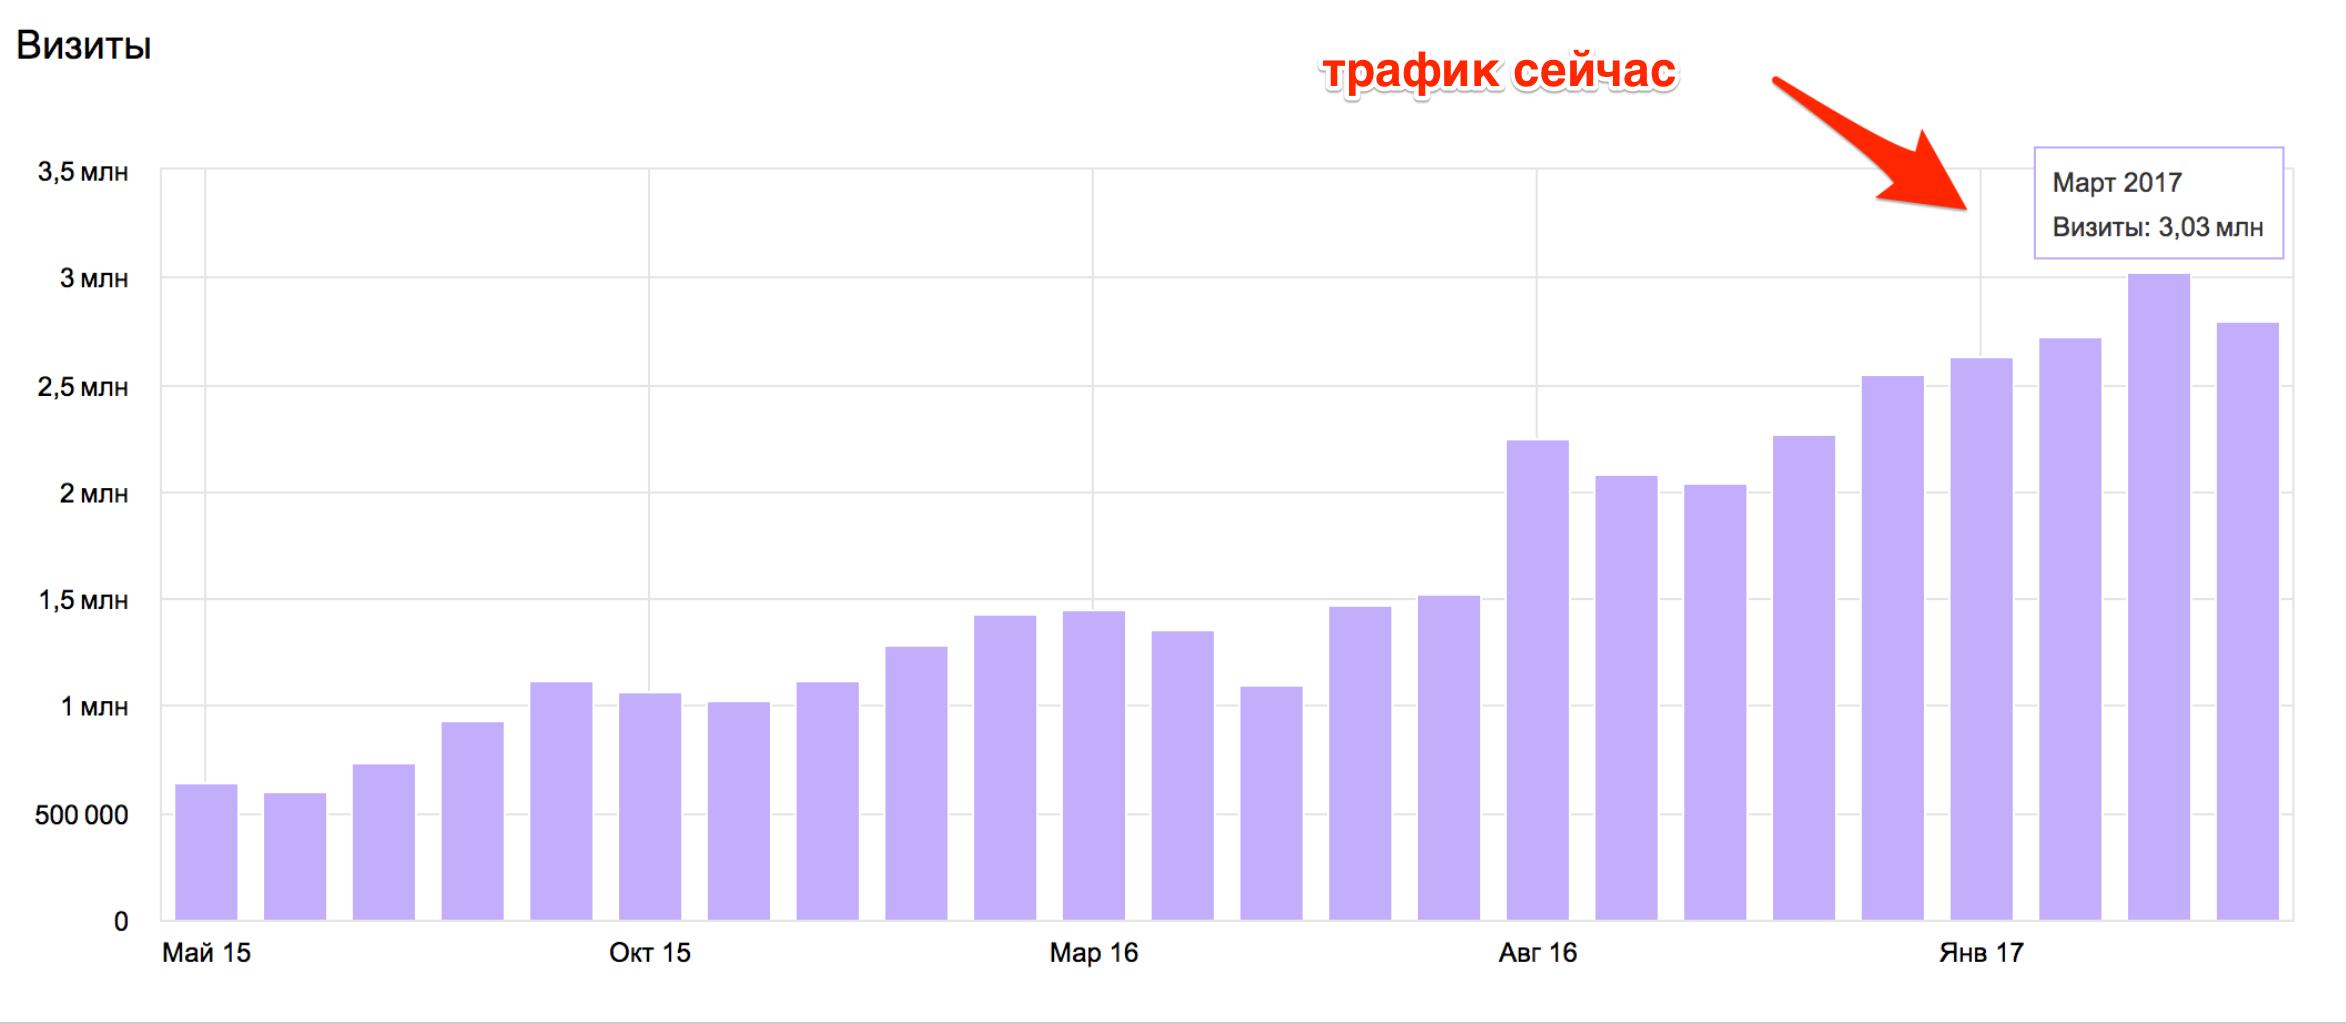 Рост трафика на контентом проекте до 3 млн посетителей в месяц